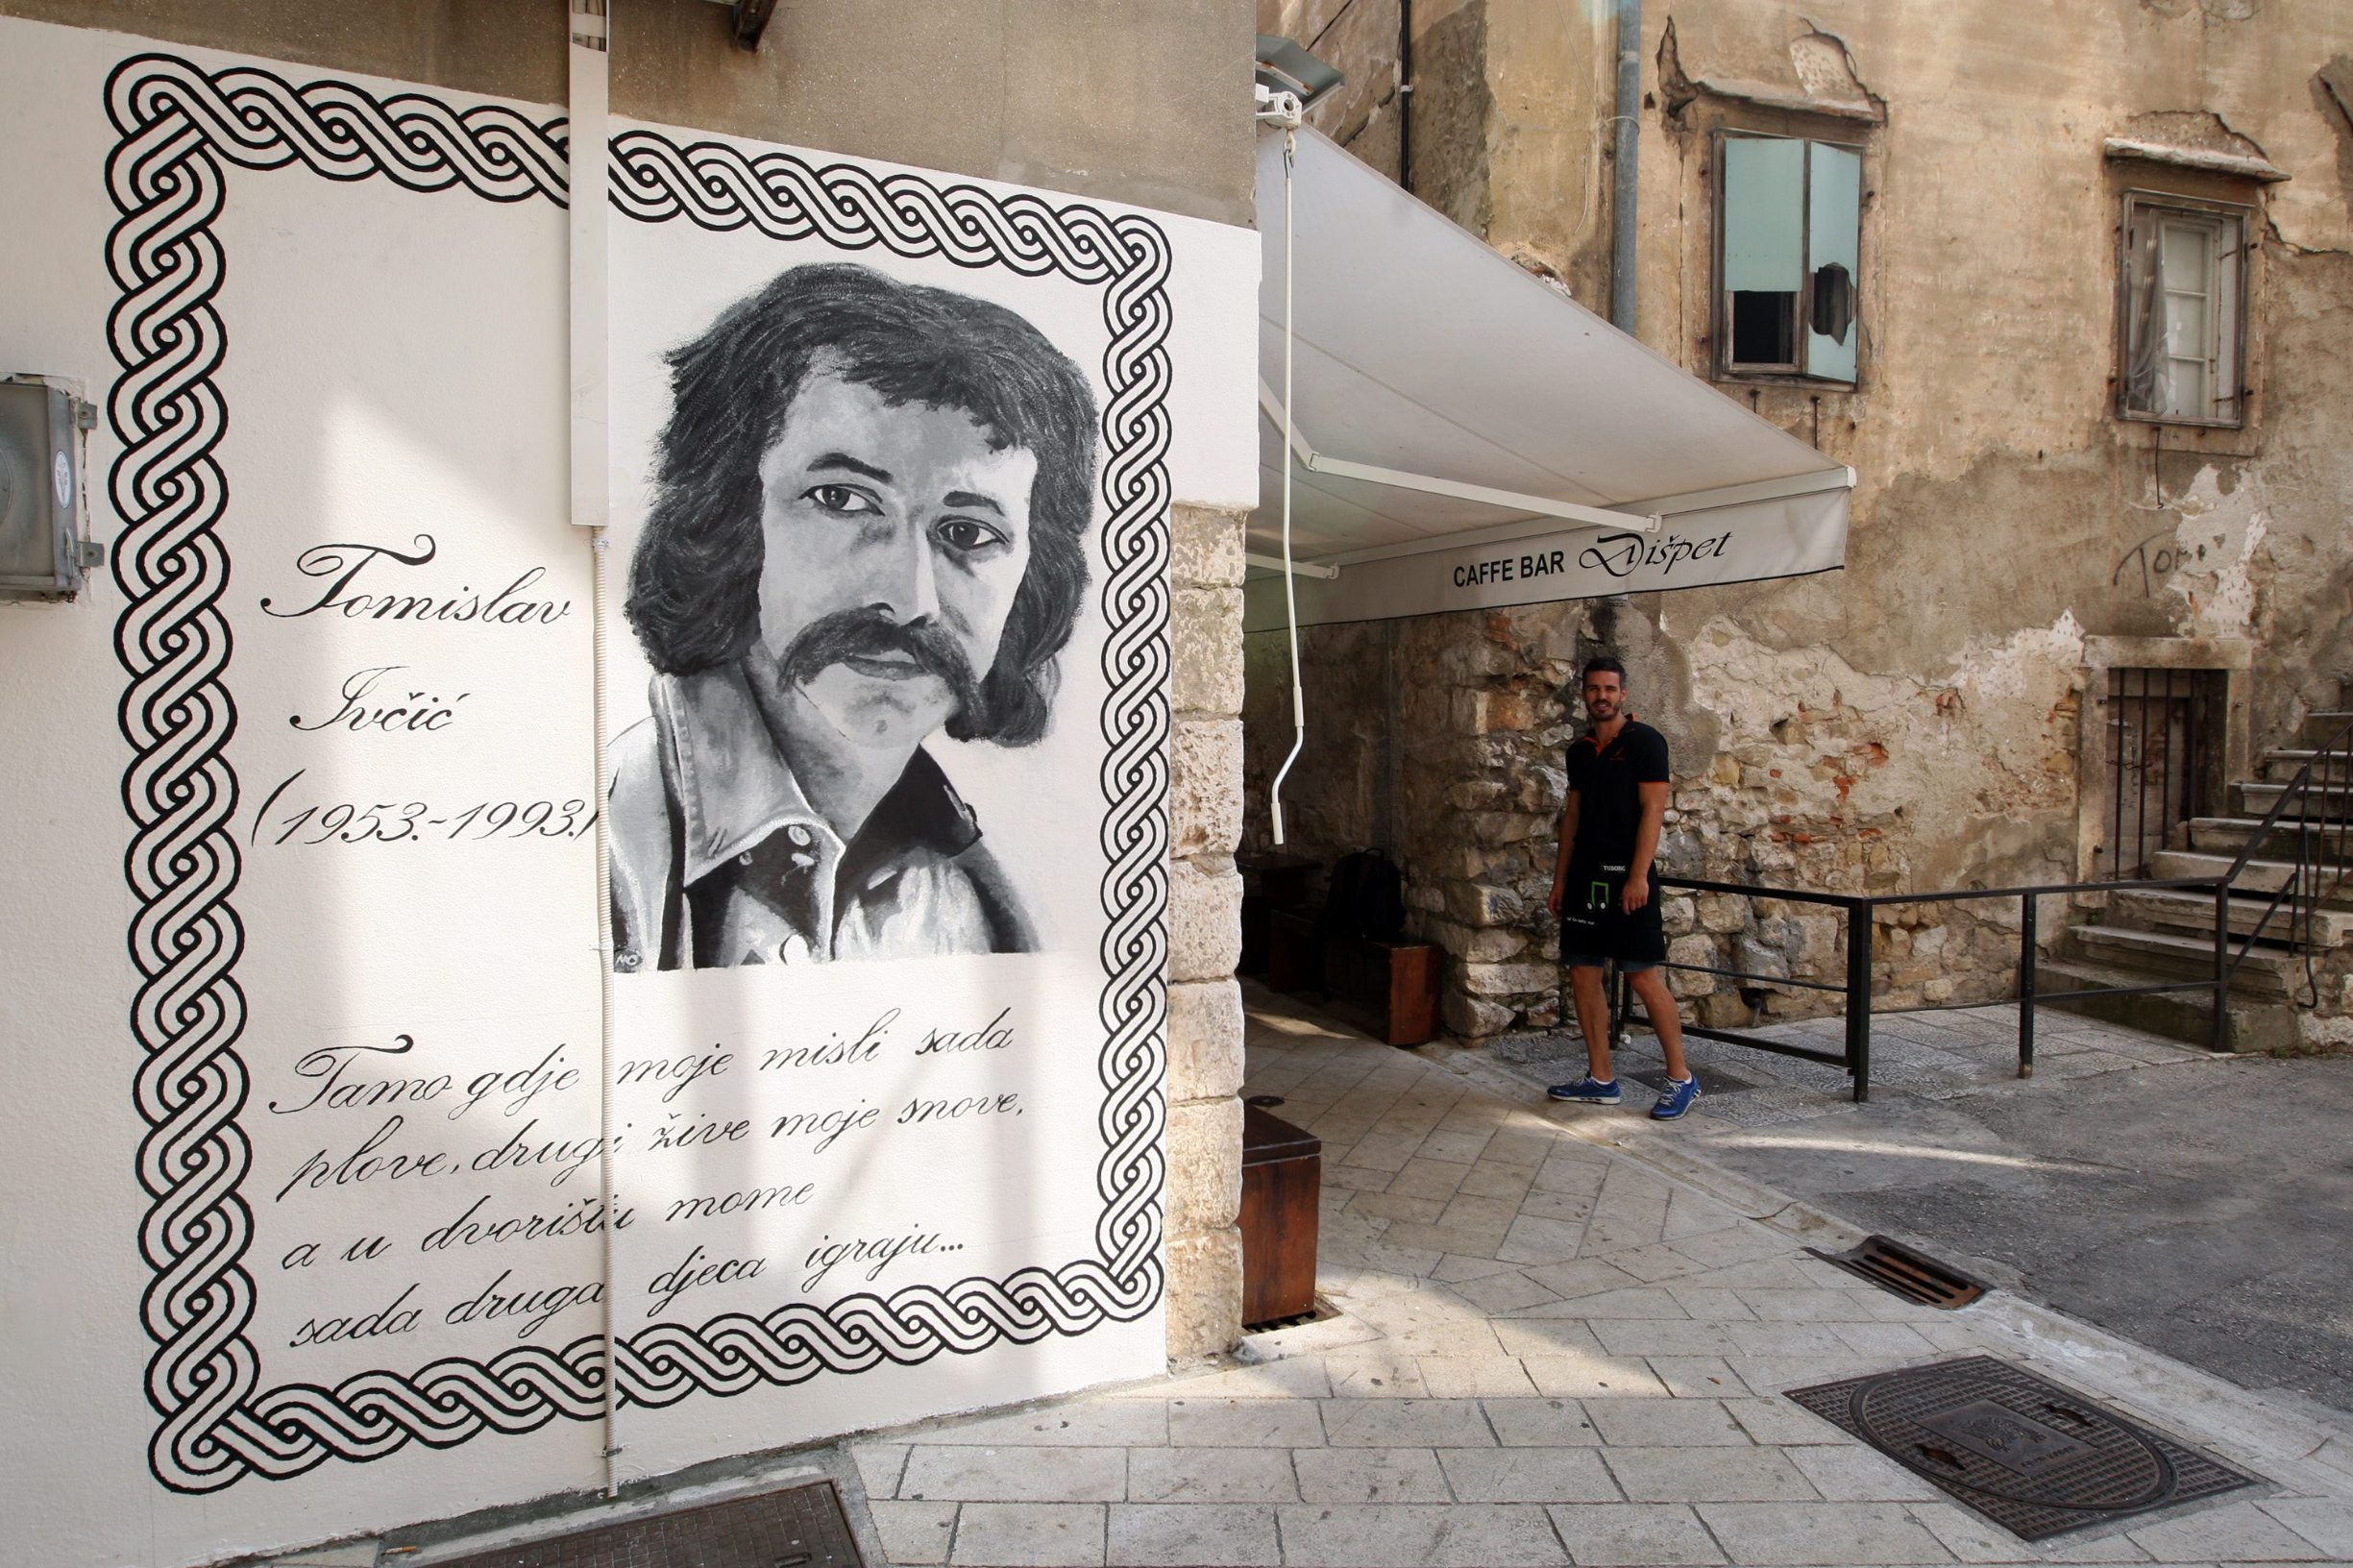 Zadar, 120713. U zadarskoj Varosi napravljen grafit posvecen nikad prezaljenom, prerano preminulom kantautoru Tomislavu Ivcicu, koji je 1993. godine poginuo je u prometnoj nesreci u Zagrebu, kad je bio na vrhuncu skladateljske i pjevacke karijere.  Foto: Jure Miskovic / CROPIX